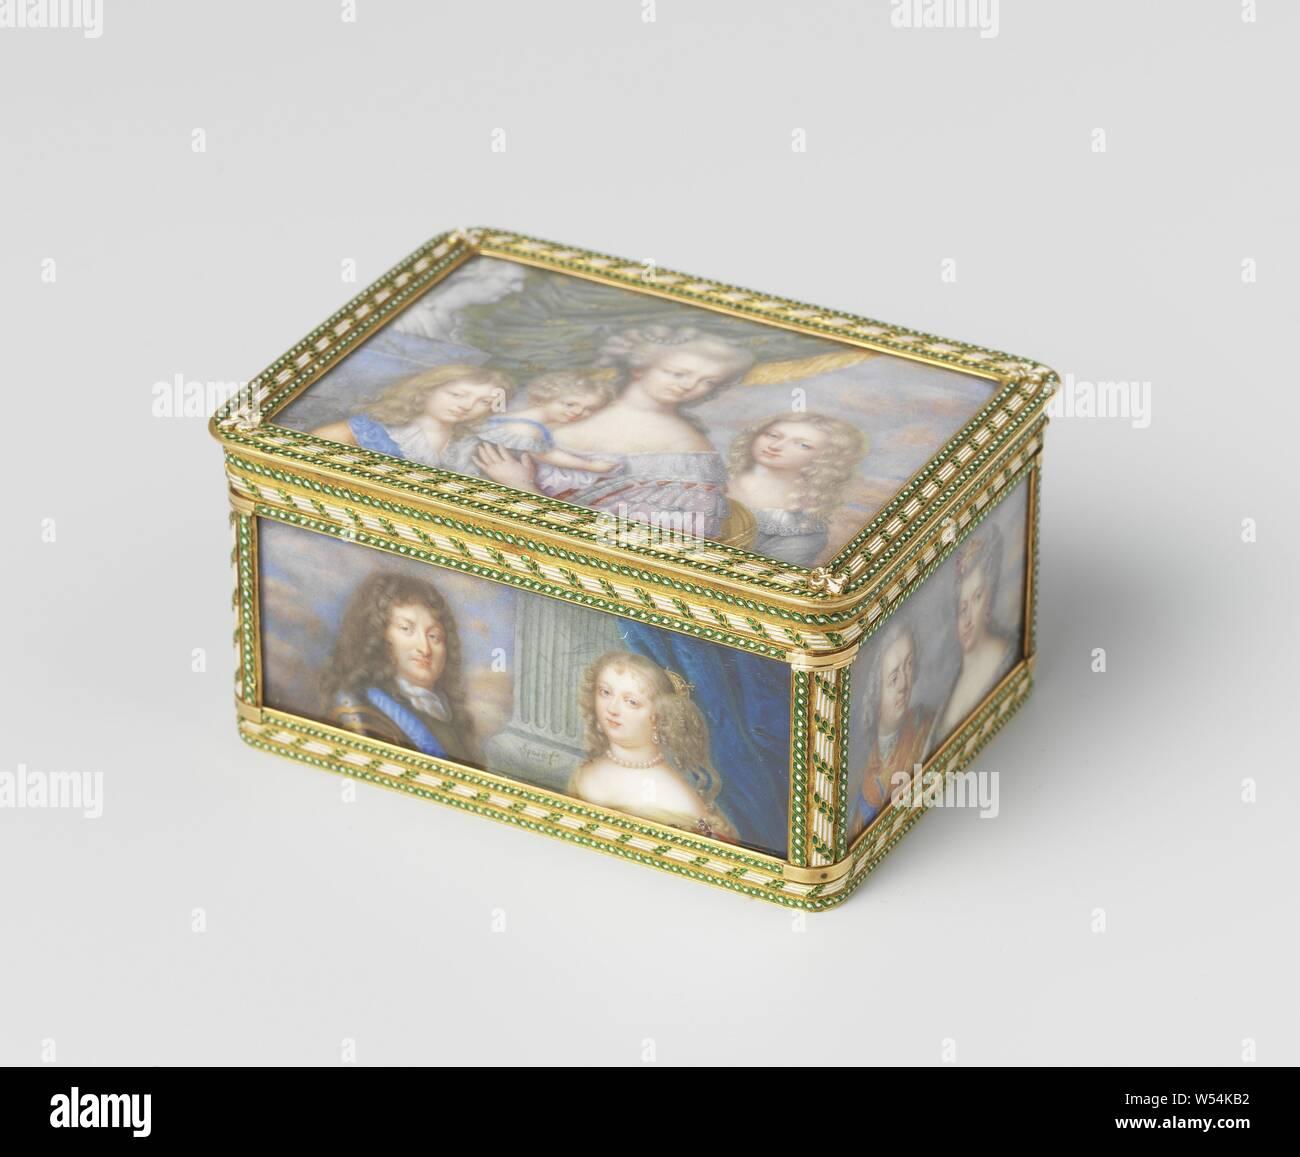 Snuff Box Gold, peint avec des portraits miniatures des Bourbons, rectangulaire boîte en or. Tous les côtés sont recouverts de portraits miniatures des Bourbons. Sur le couvercle Marie-Antoinette avec ses enfants à côté d'un buste de Louis XVI. Sur le fond le frère et la sœur de Louis XVI. À l'avant Louis XIV et de Marie-Thérèse d'Espagne. Sur l'arrière Hendrik IV et de Marie de Médicis. Sur la gauche Louis XIII et Anne d'Autriche. Sur le côté droit un style Louis XV et Maria Leczinska., anonyme, Paris, ch. 1815 - c. 1830, l'or (métal), verre, H 4,5 cm × w 8,8 cm × D × w 259,6 4,5 cm Banque D'Images